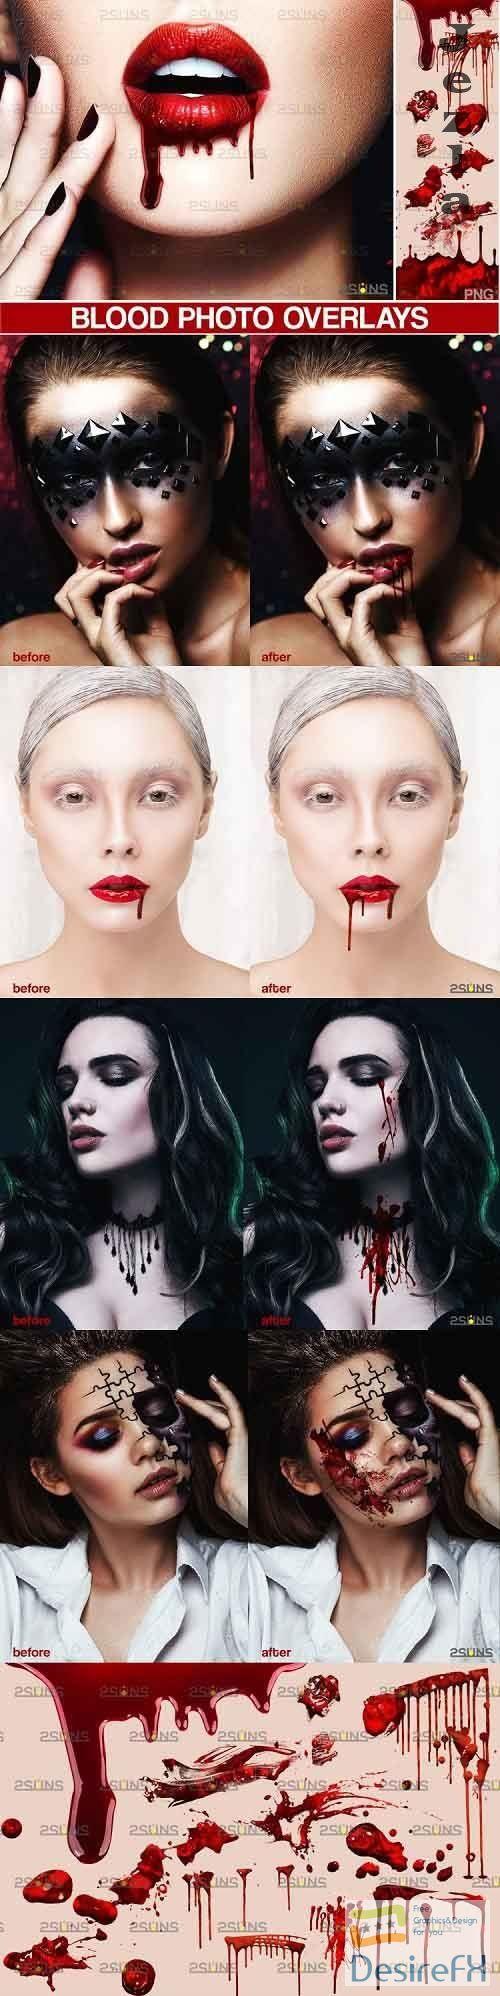 Blood Photo Overlay, Halloween overlay, blood splatter - 895778